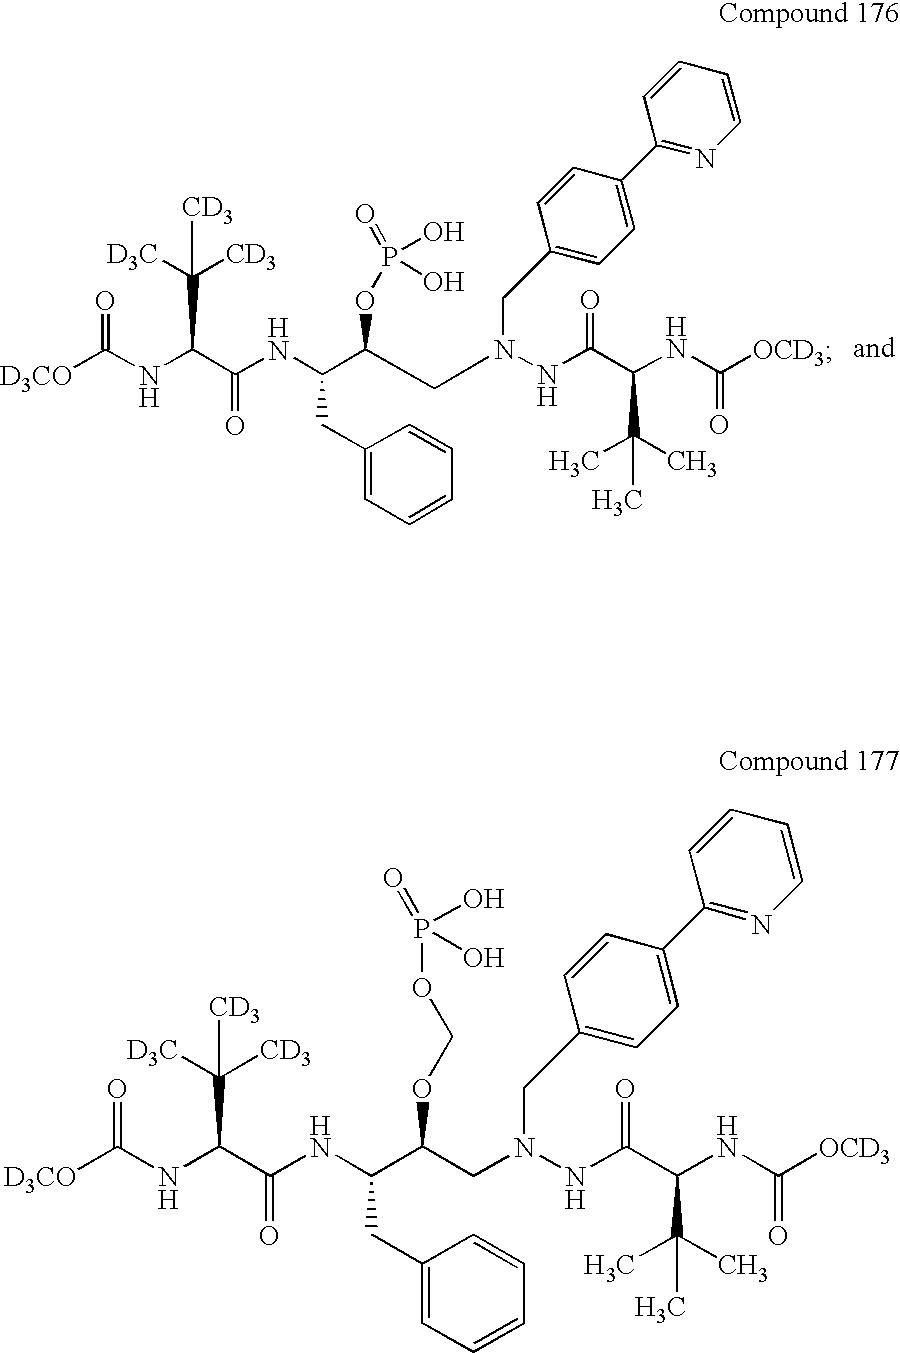 Figure US20090036357A1-20090205-C00012